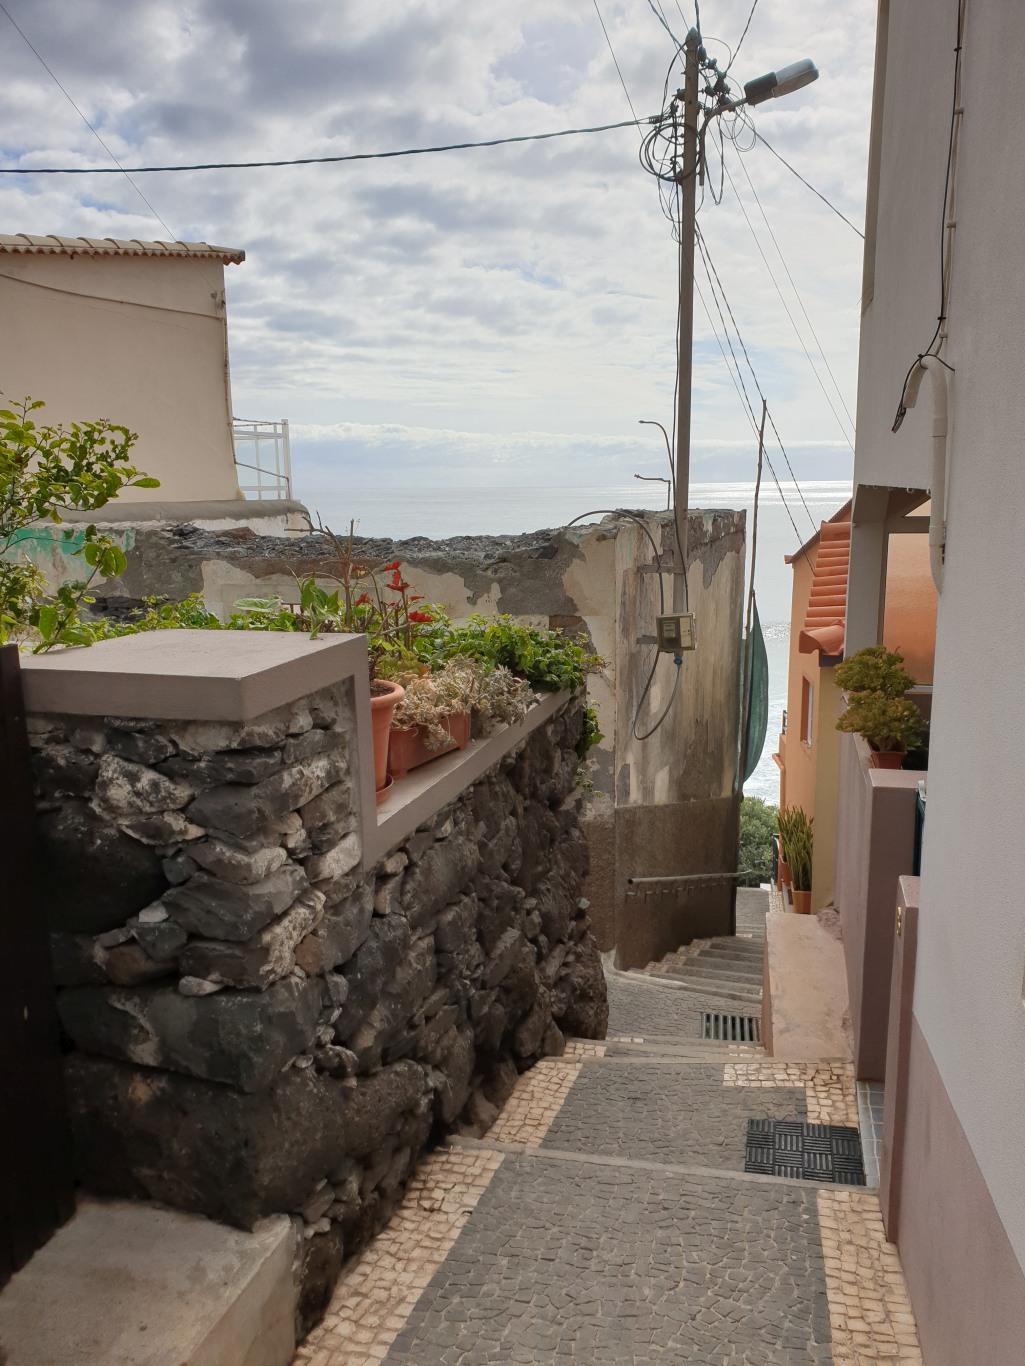 Madera182